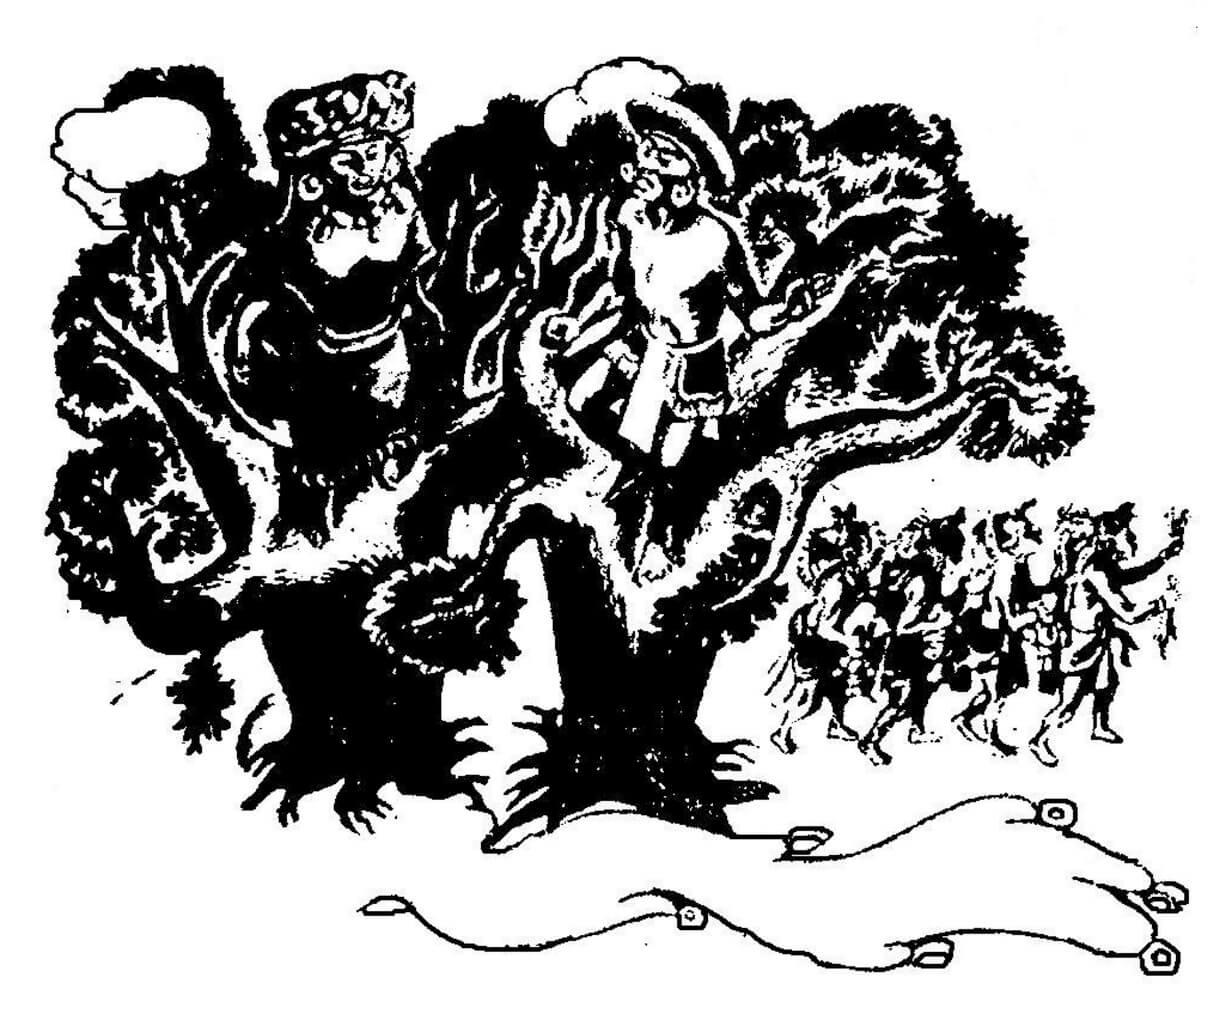 Así Nació El Mundo Según El Mito Mixteco De La Creación